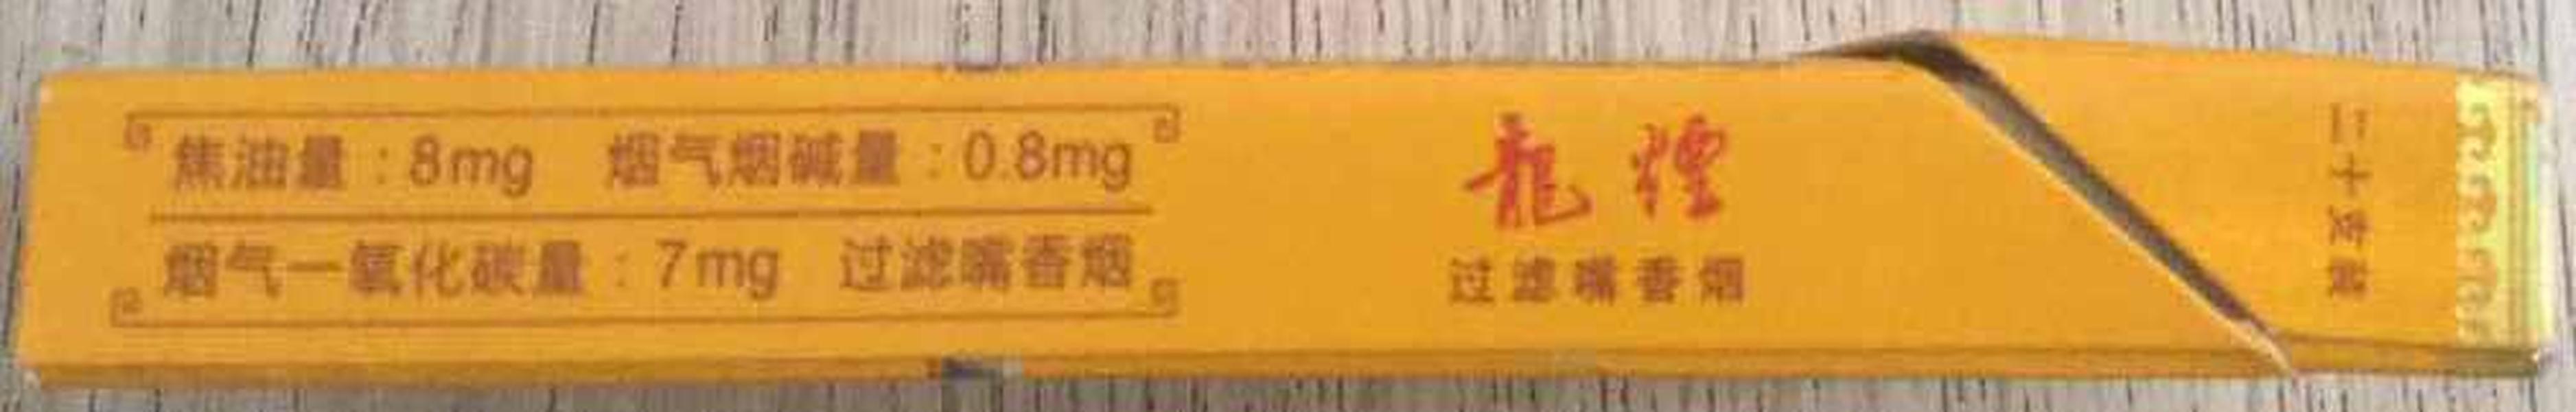 烟标 龙烟 1902江苏中烟工业有限责任公司与黑龙江烟草工业有限责任公司联合研制实物拍摄现货价格:8元